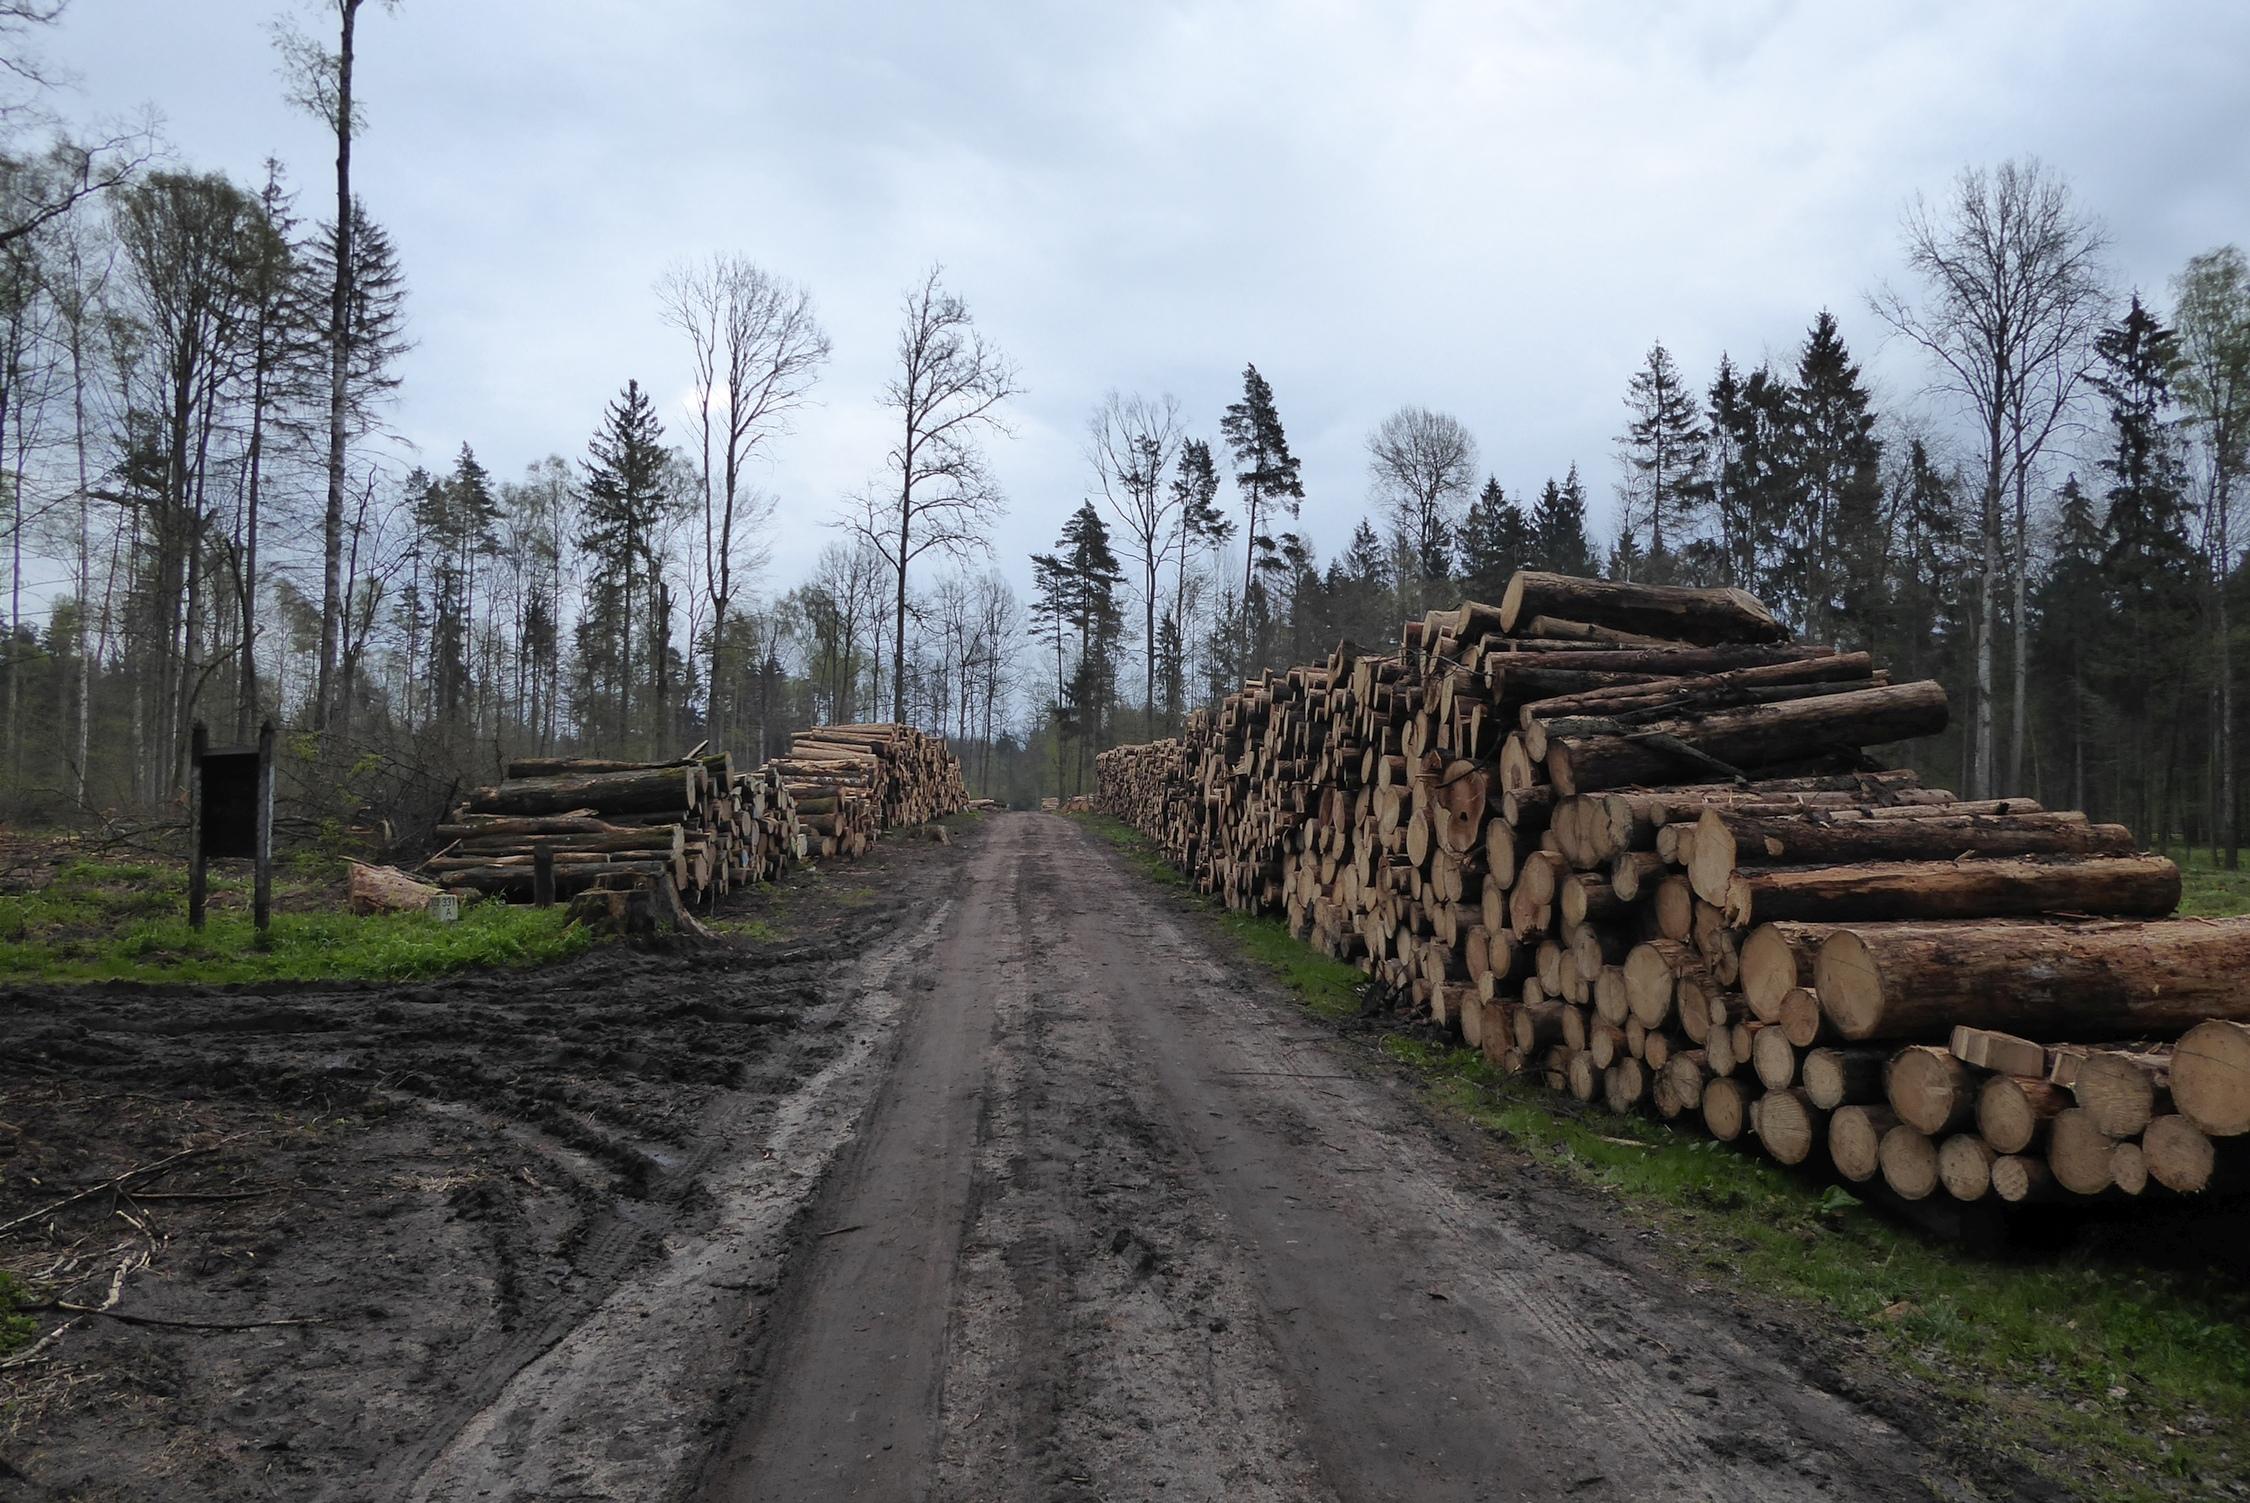 Wycięte drzewa w Puszczy Białowieskiej. Fot. KamilBartoń